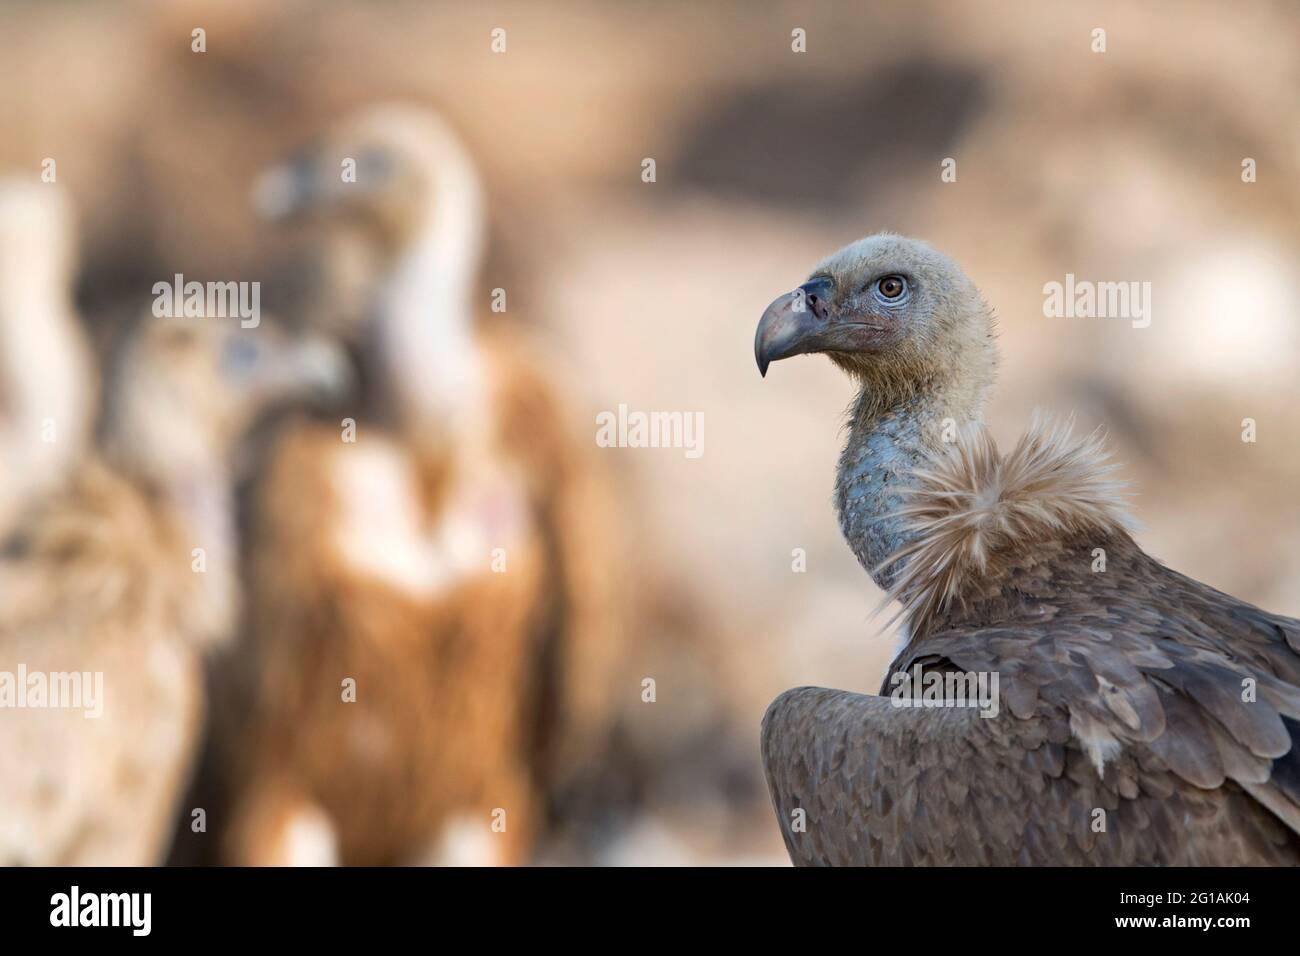 L'image de la vautour de Griffon (Gyps fulvus) a été prise au Rajasthan, en Inde, en Asie Banque D'Images